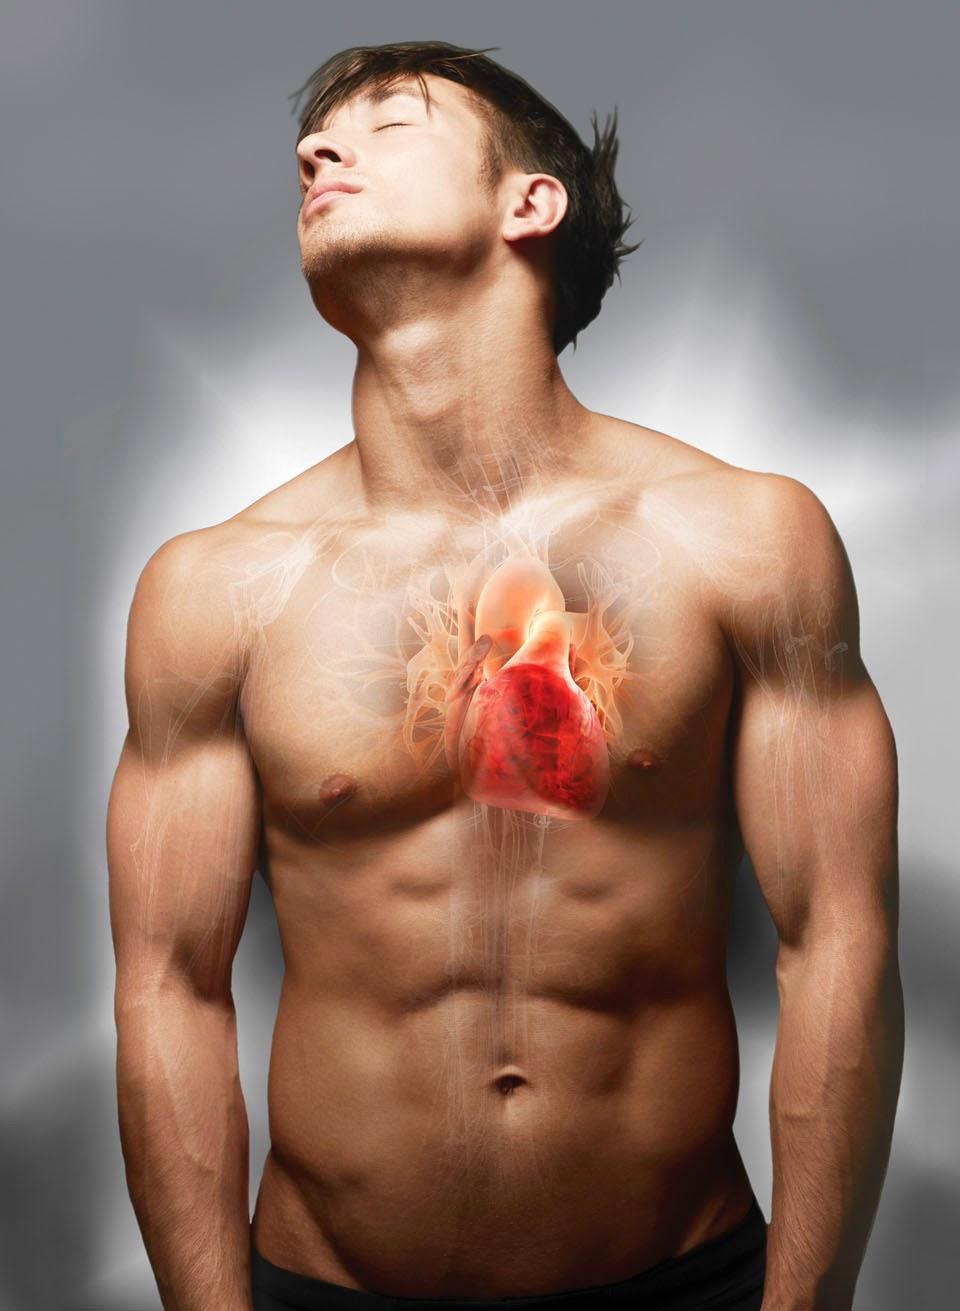 Tecnicos Radiologos: Anatomía del corazón